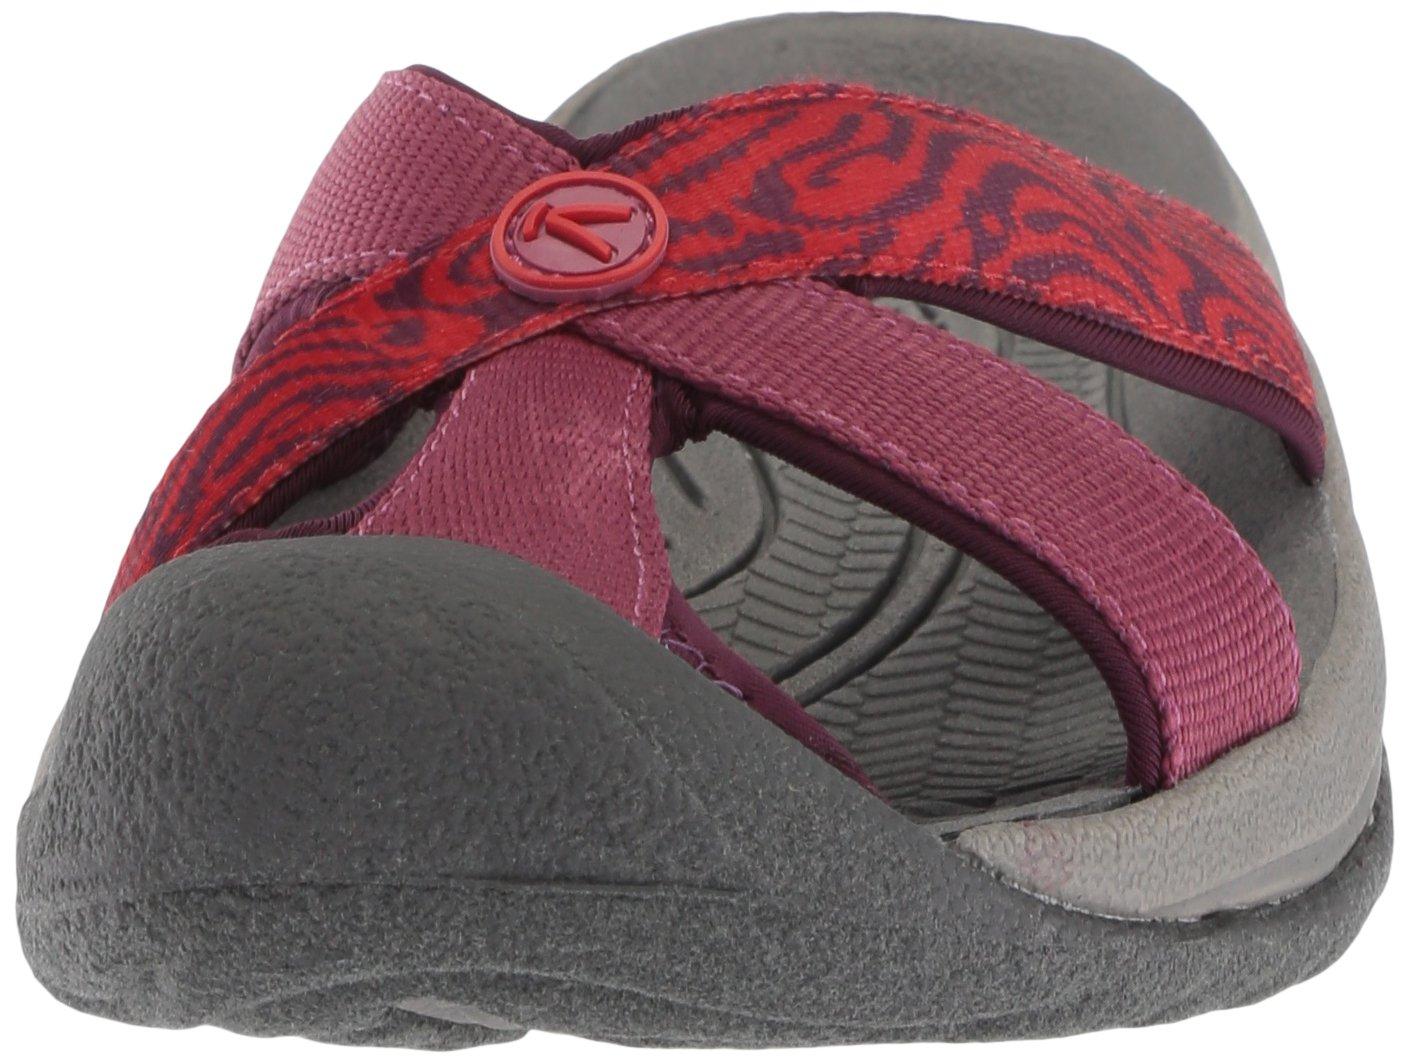 KEEN B07228HG34 Women's Bali Sandals B07228HG34 KEEN 10.5 B(M) US|Red Violet/Boysenberry 0e1a29